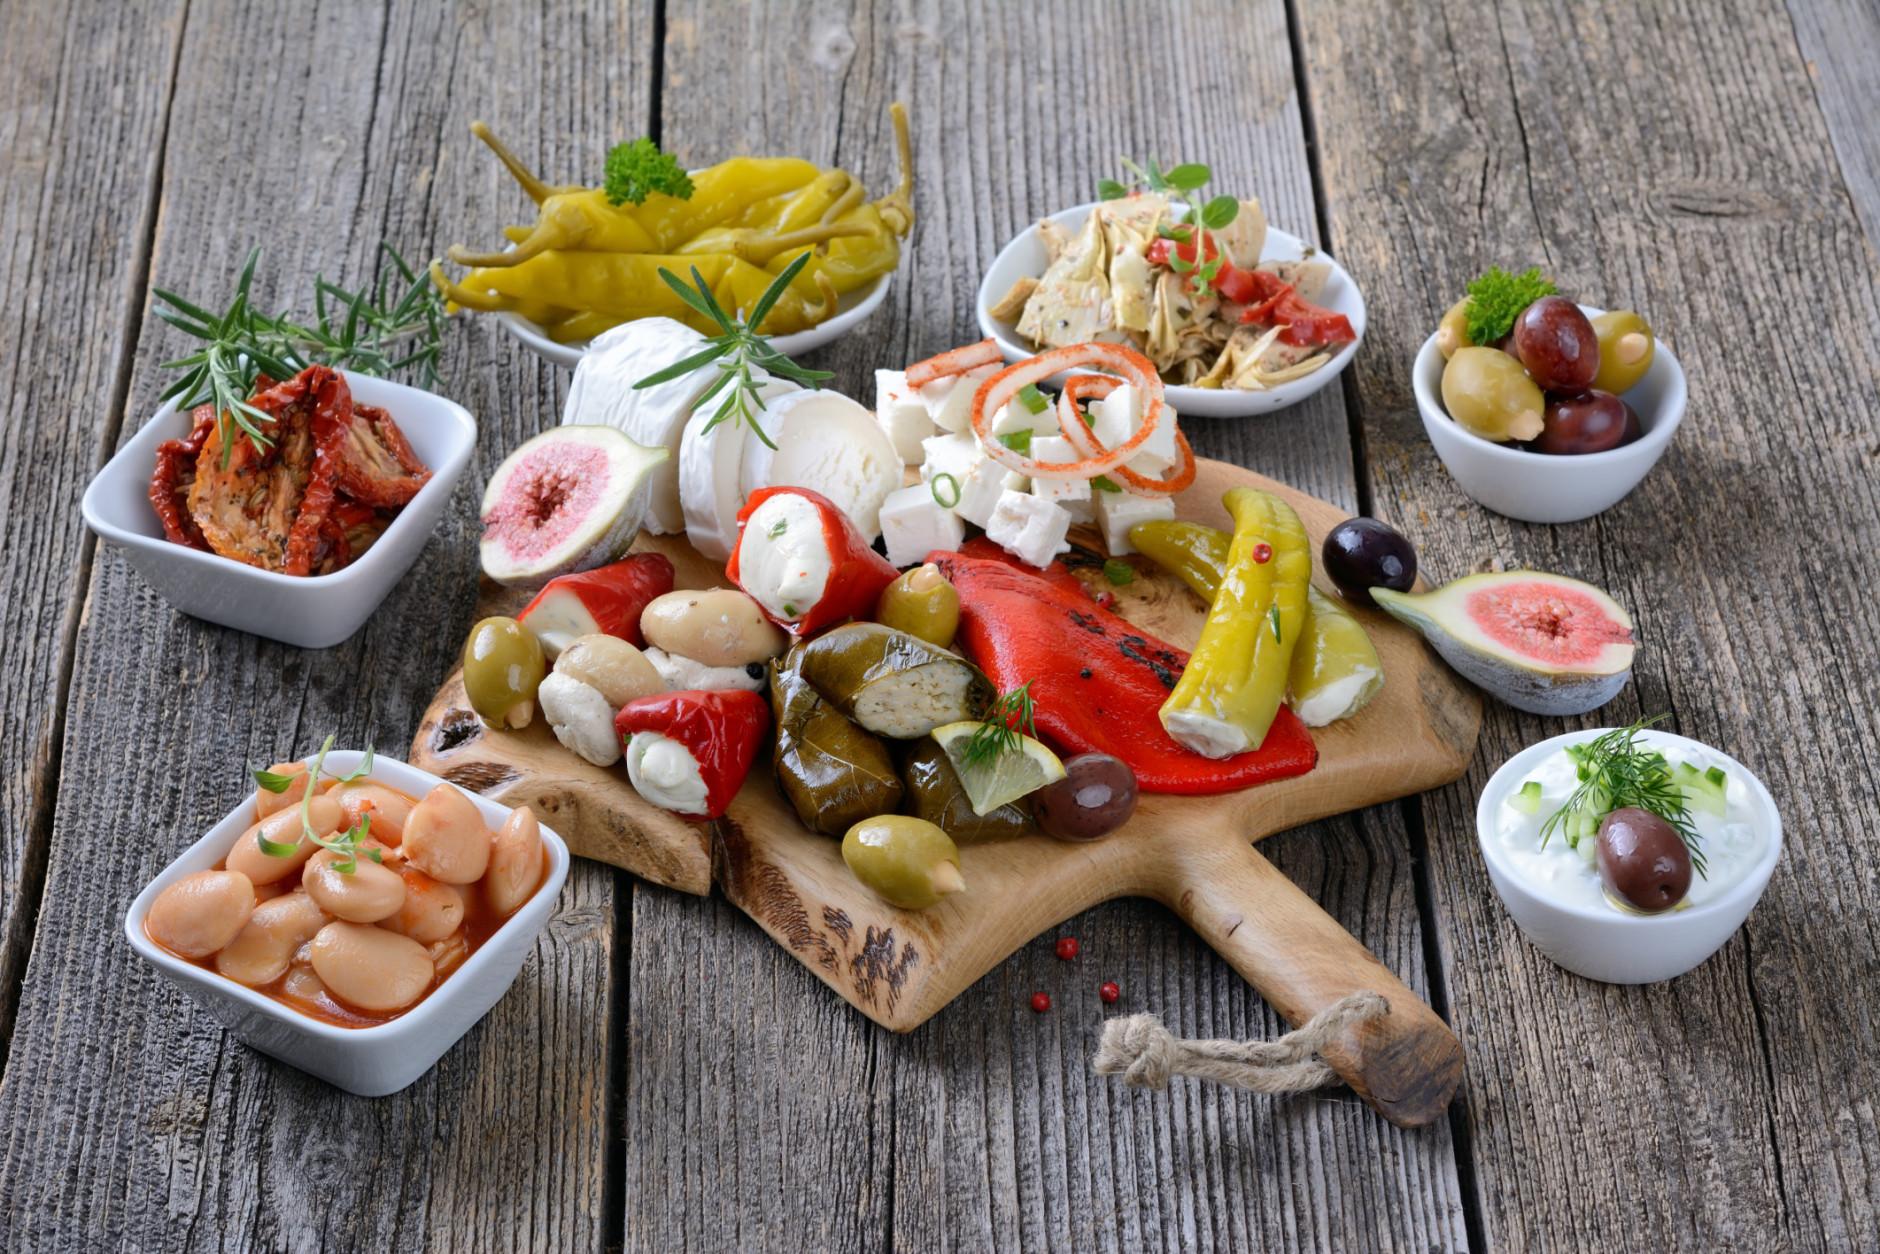 mediterrán receptek diéta